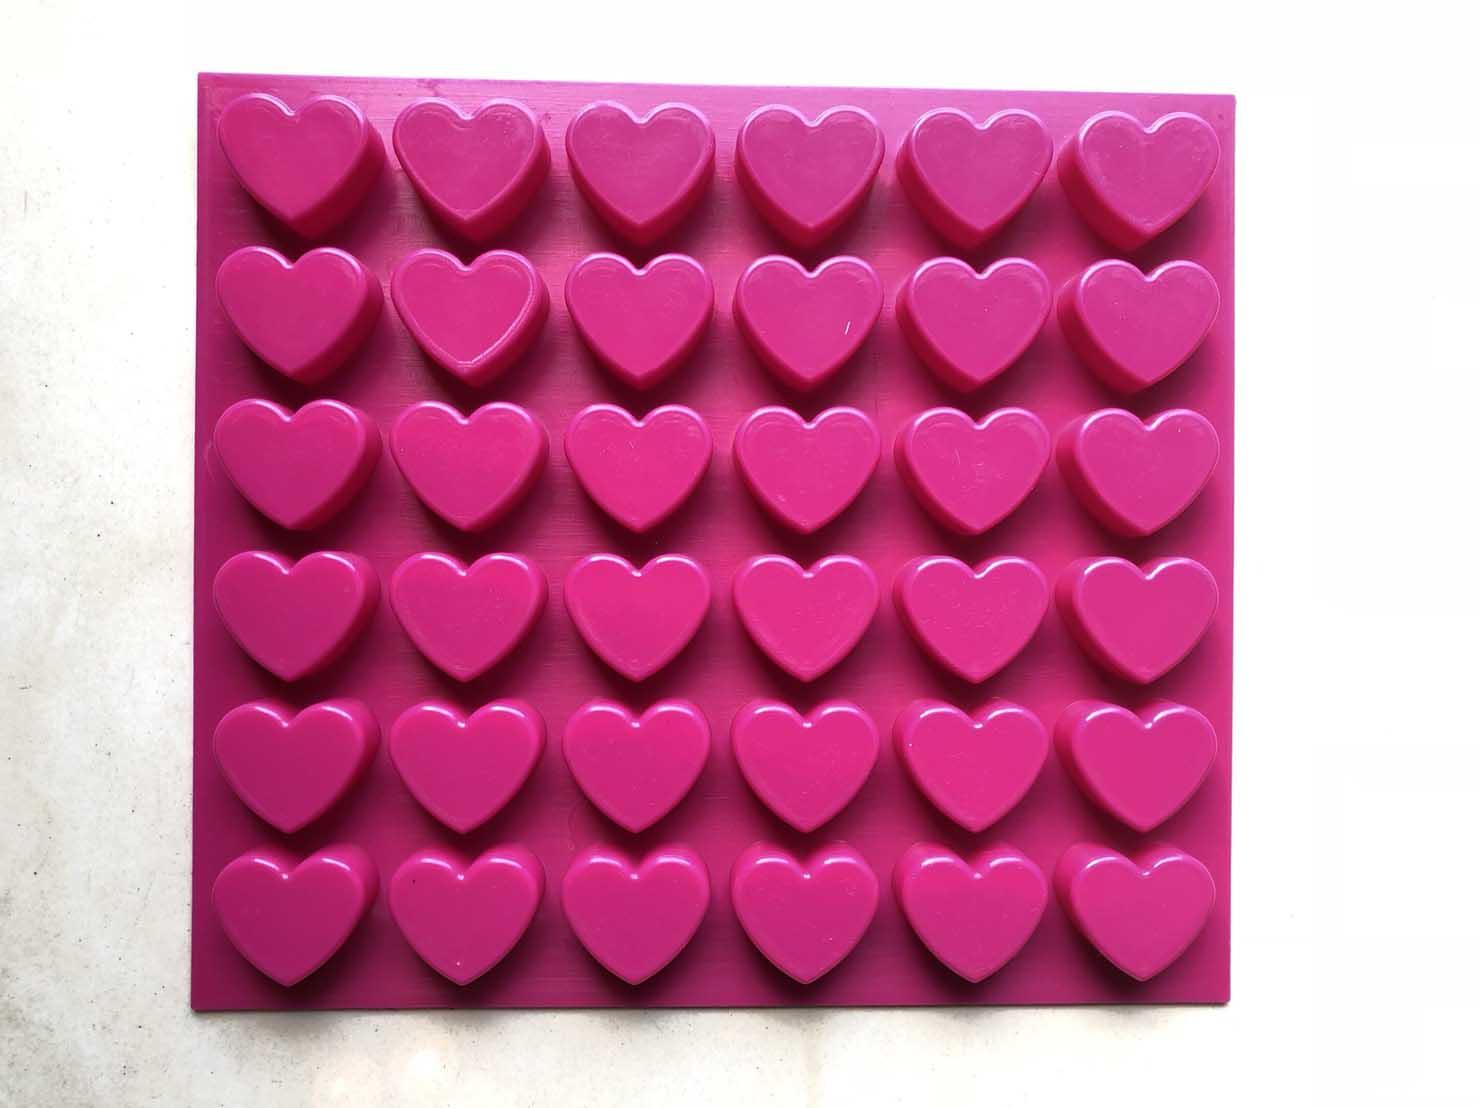 พิมพ์หัวใจ 20 กรัม 36 ช่อง